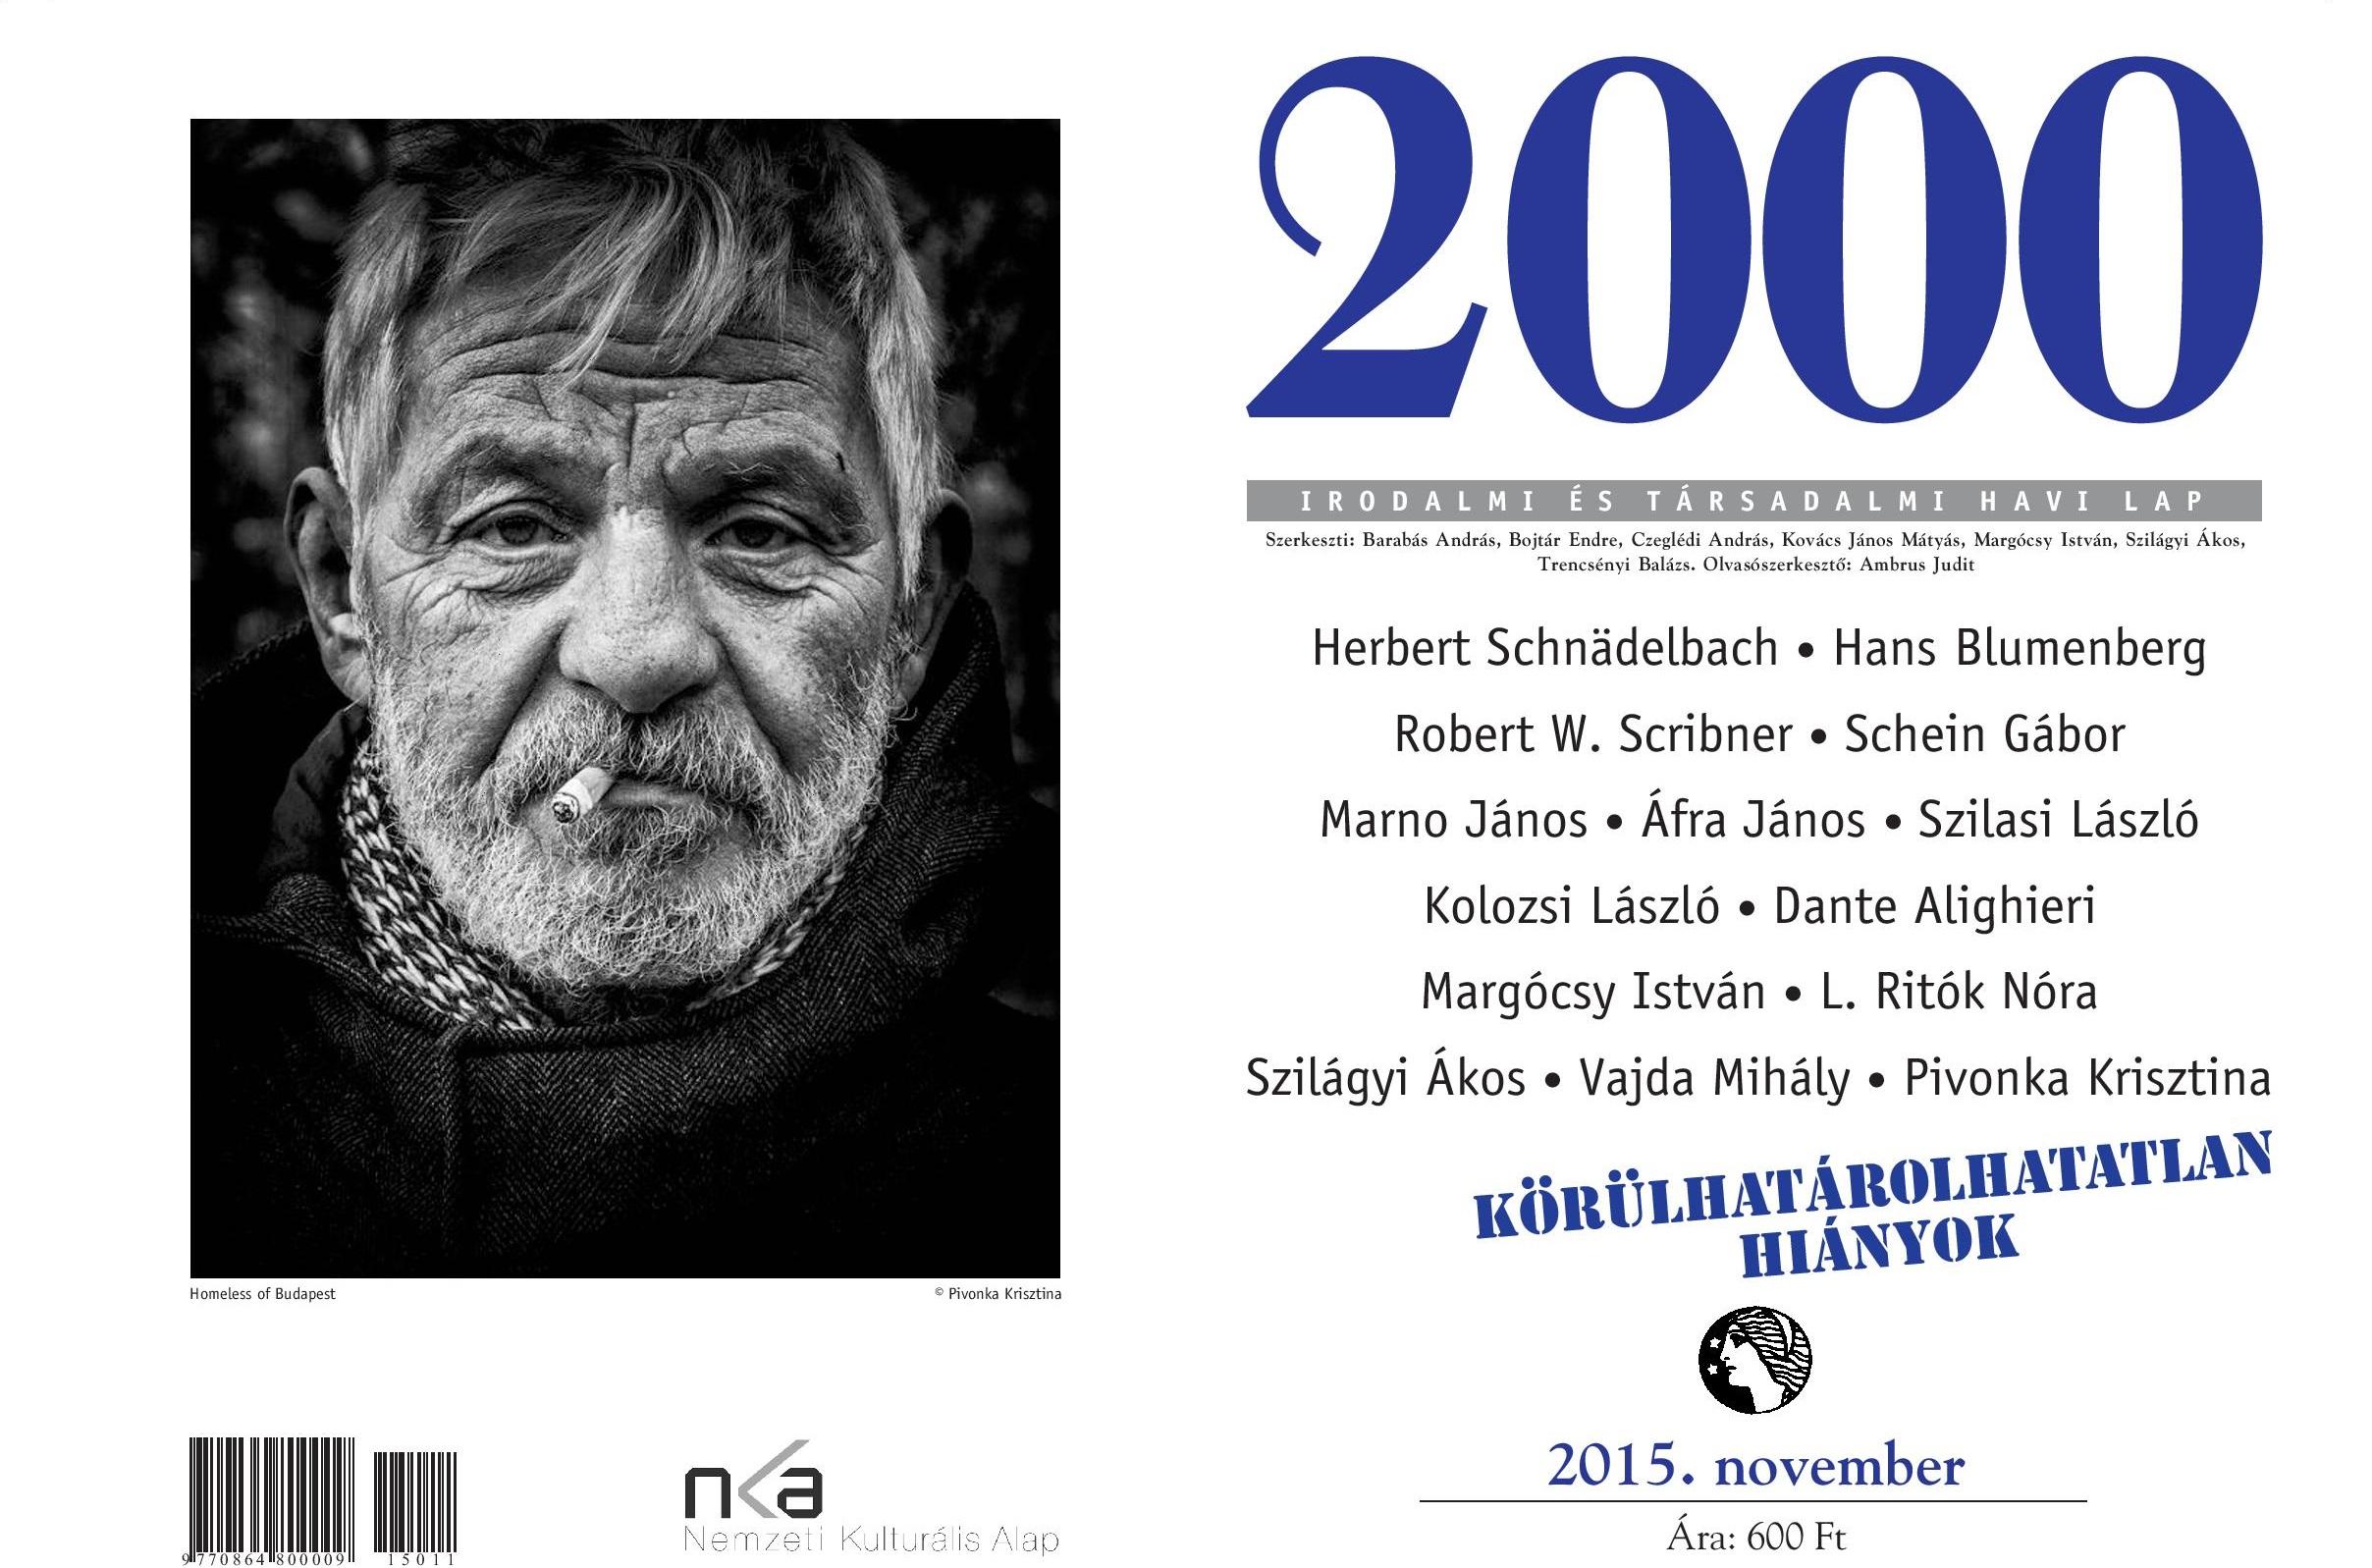 2000bor-nov-nyomda-page-001